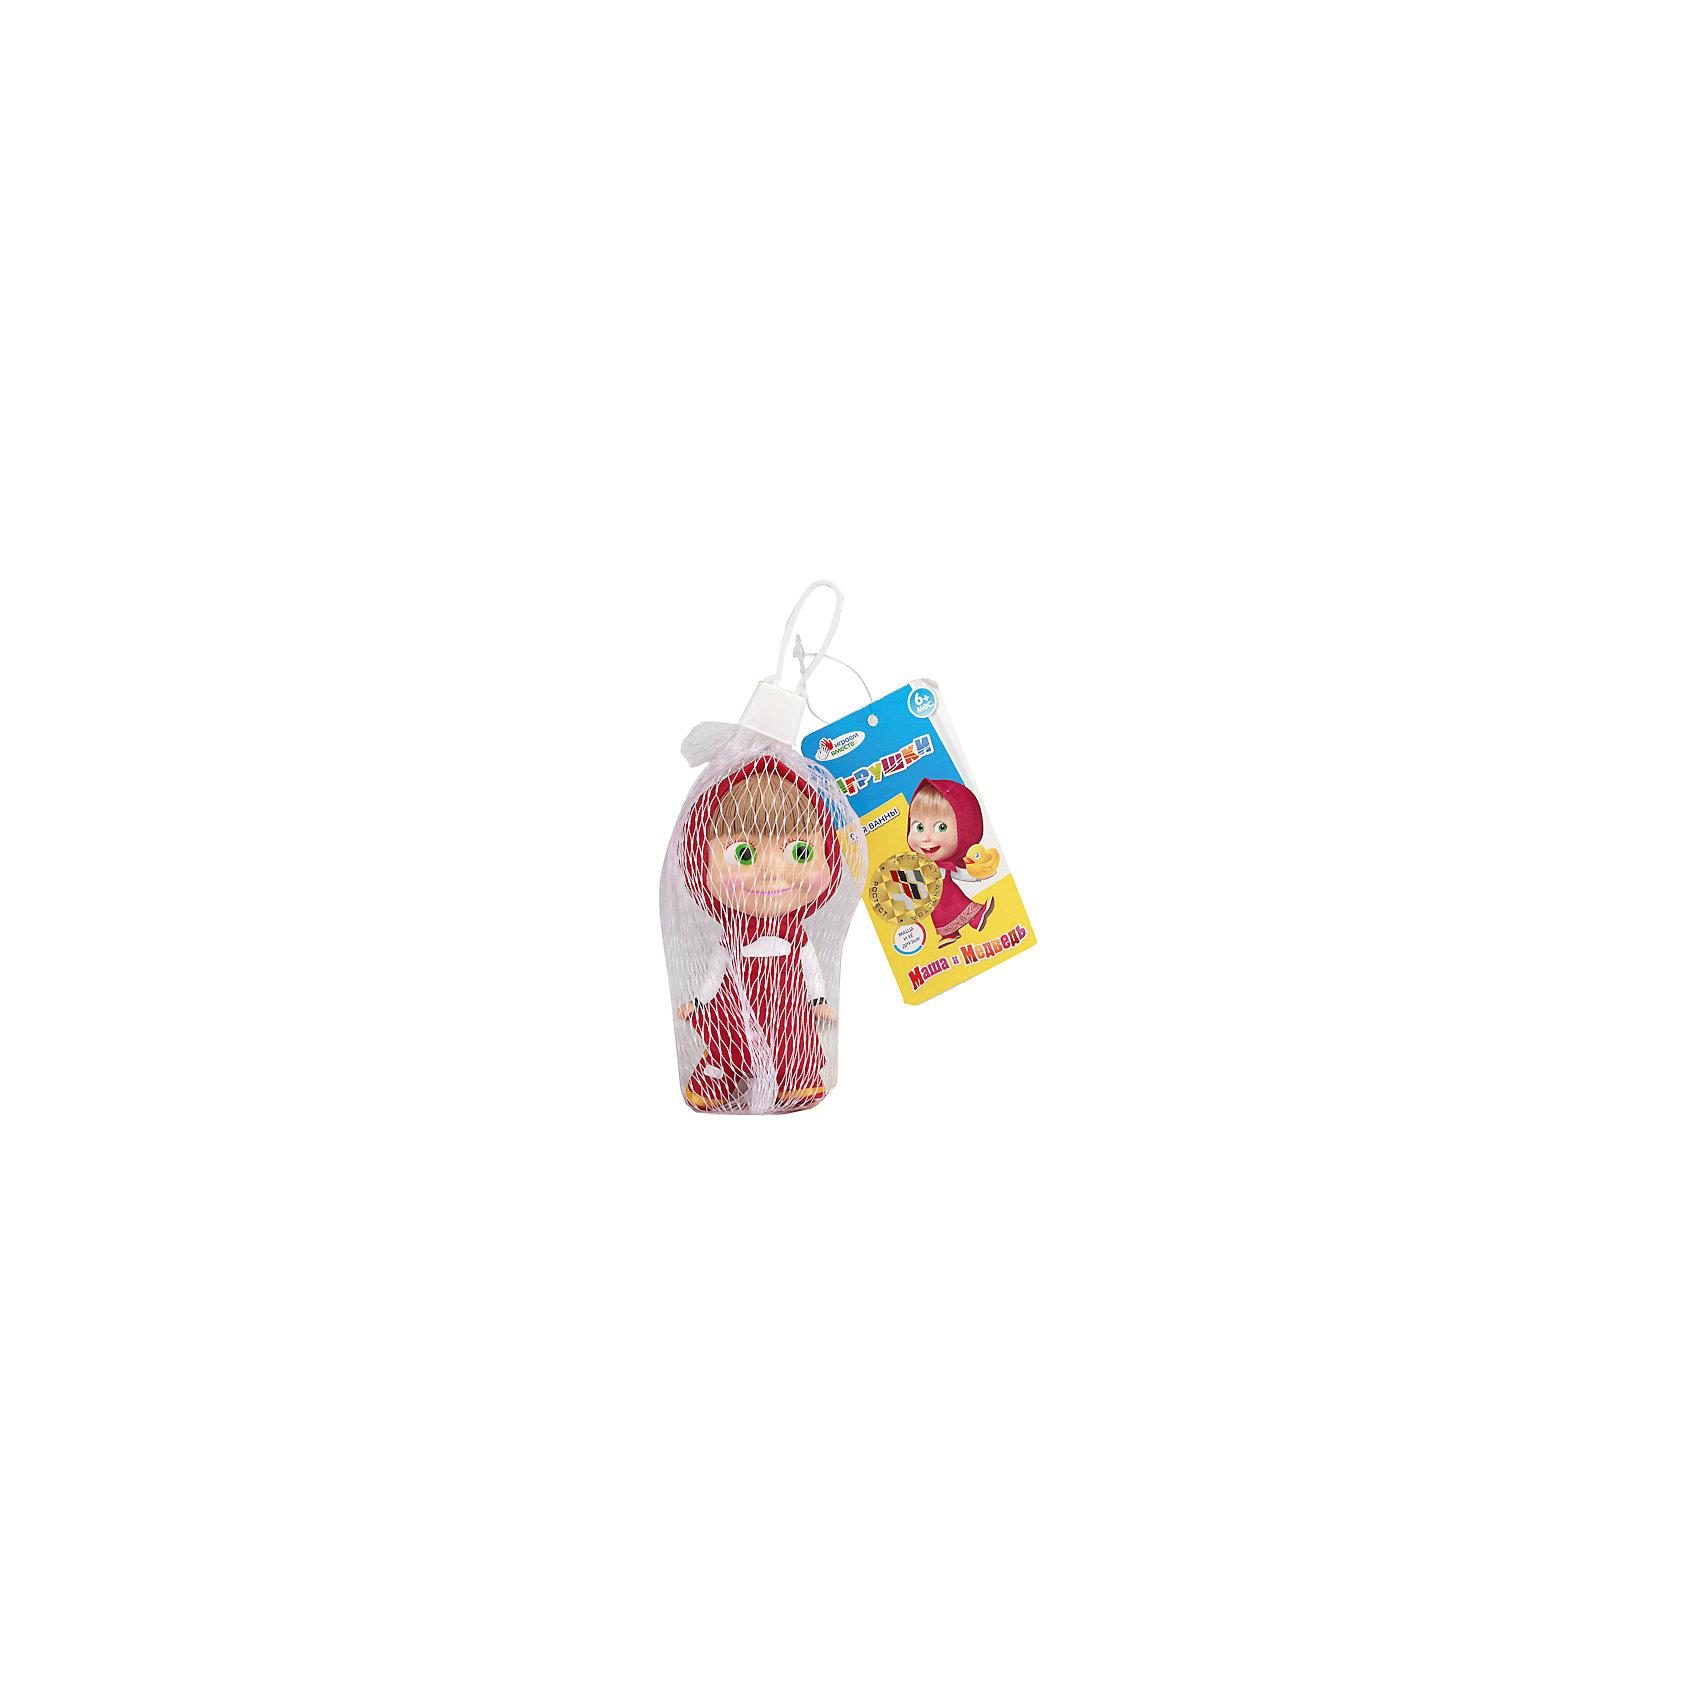 Игрушка д/купания Маша, Маша и медведь, Играем вместеПопулярные игрушки<br>Игрушка д/купания Маша, Маша и медведь, Играем вместе.<br><br>Характеристики:<br><br>• Материал: ПВХ.<br>• Размер: 4х10х5см.<br><br>Отличная игрушка из мягкого ПВХ надолго займет внимание вашего малыша. Эта игрушка поможет малышу при прорезывании зубов, поможет развивать моторику рук, знакомить с формой, цветом, образами также с ней можно забавно поиграть в ванной. Яркий образ любимой героини поможет ребенку придумывать различные сюжетно-ролевые игры.<br><br>Фигурку для ванной Маша, Маша и медведь, Играем вместе, можно купить в нашем интернет – магазине.<br><br>Ширина мм: 50<br>Глубина мм: 110<br>Высота мм: 50<br>Вес г: 40<br>Возраст от месяцев: 6<br>Возраст до месяцев: 3<br>Пол: Унисекс<br>Возраст: Детский<br>SKU: 4950490